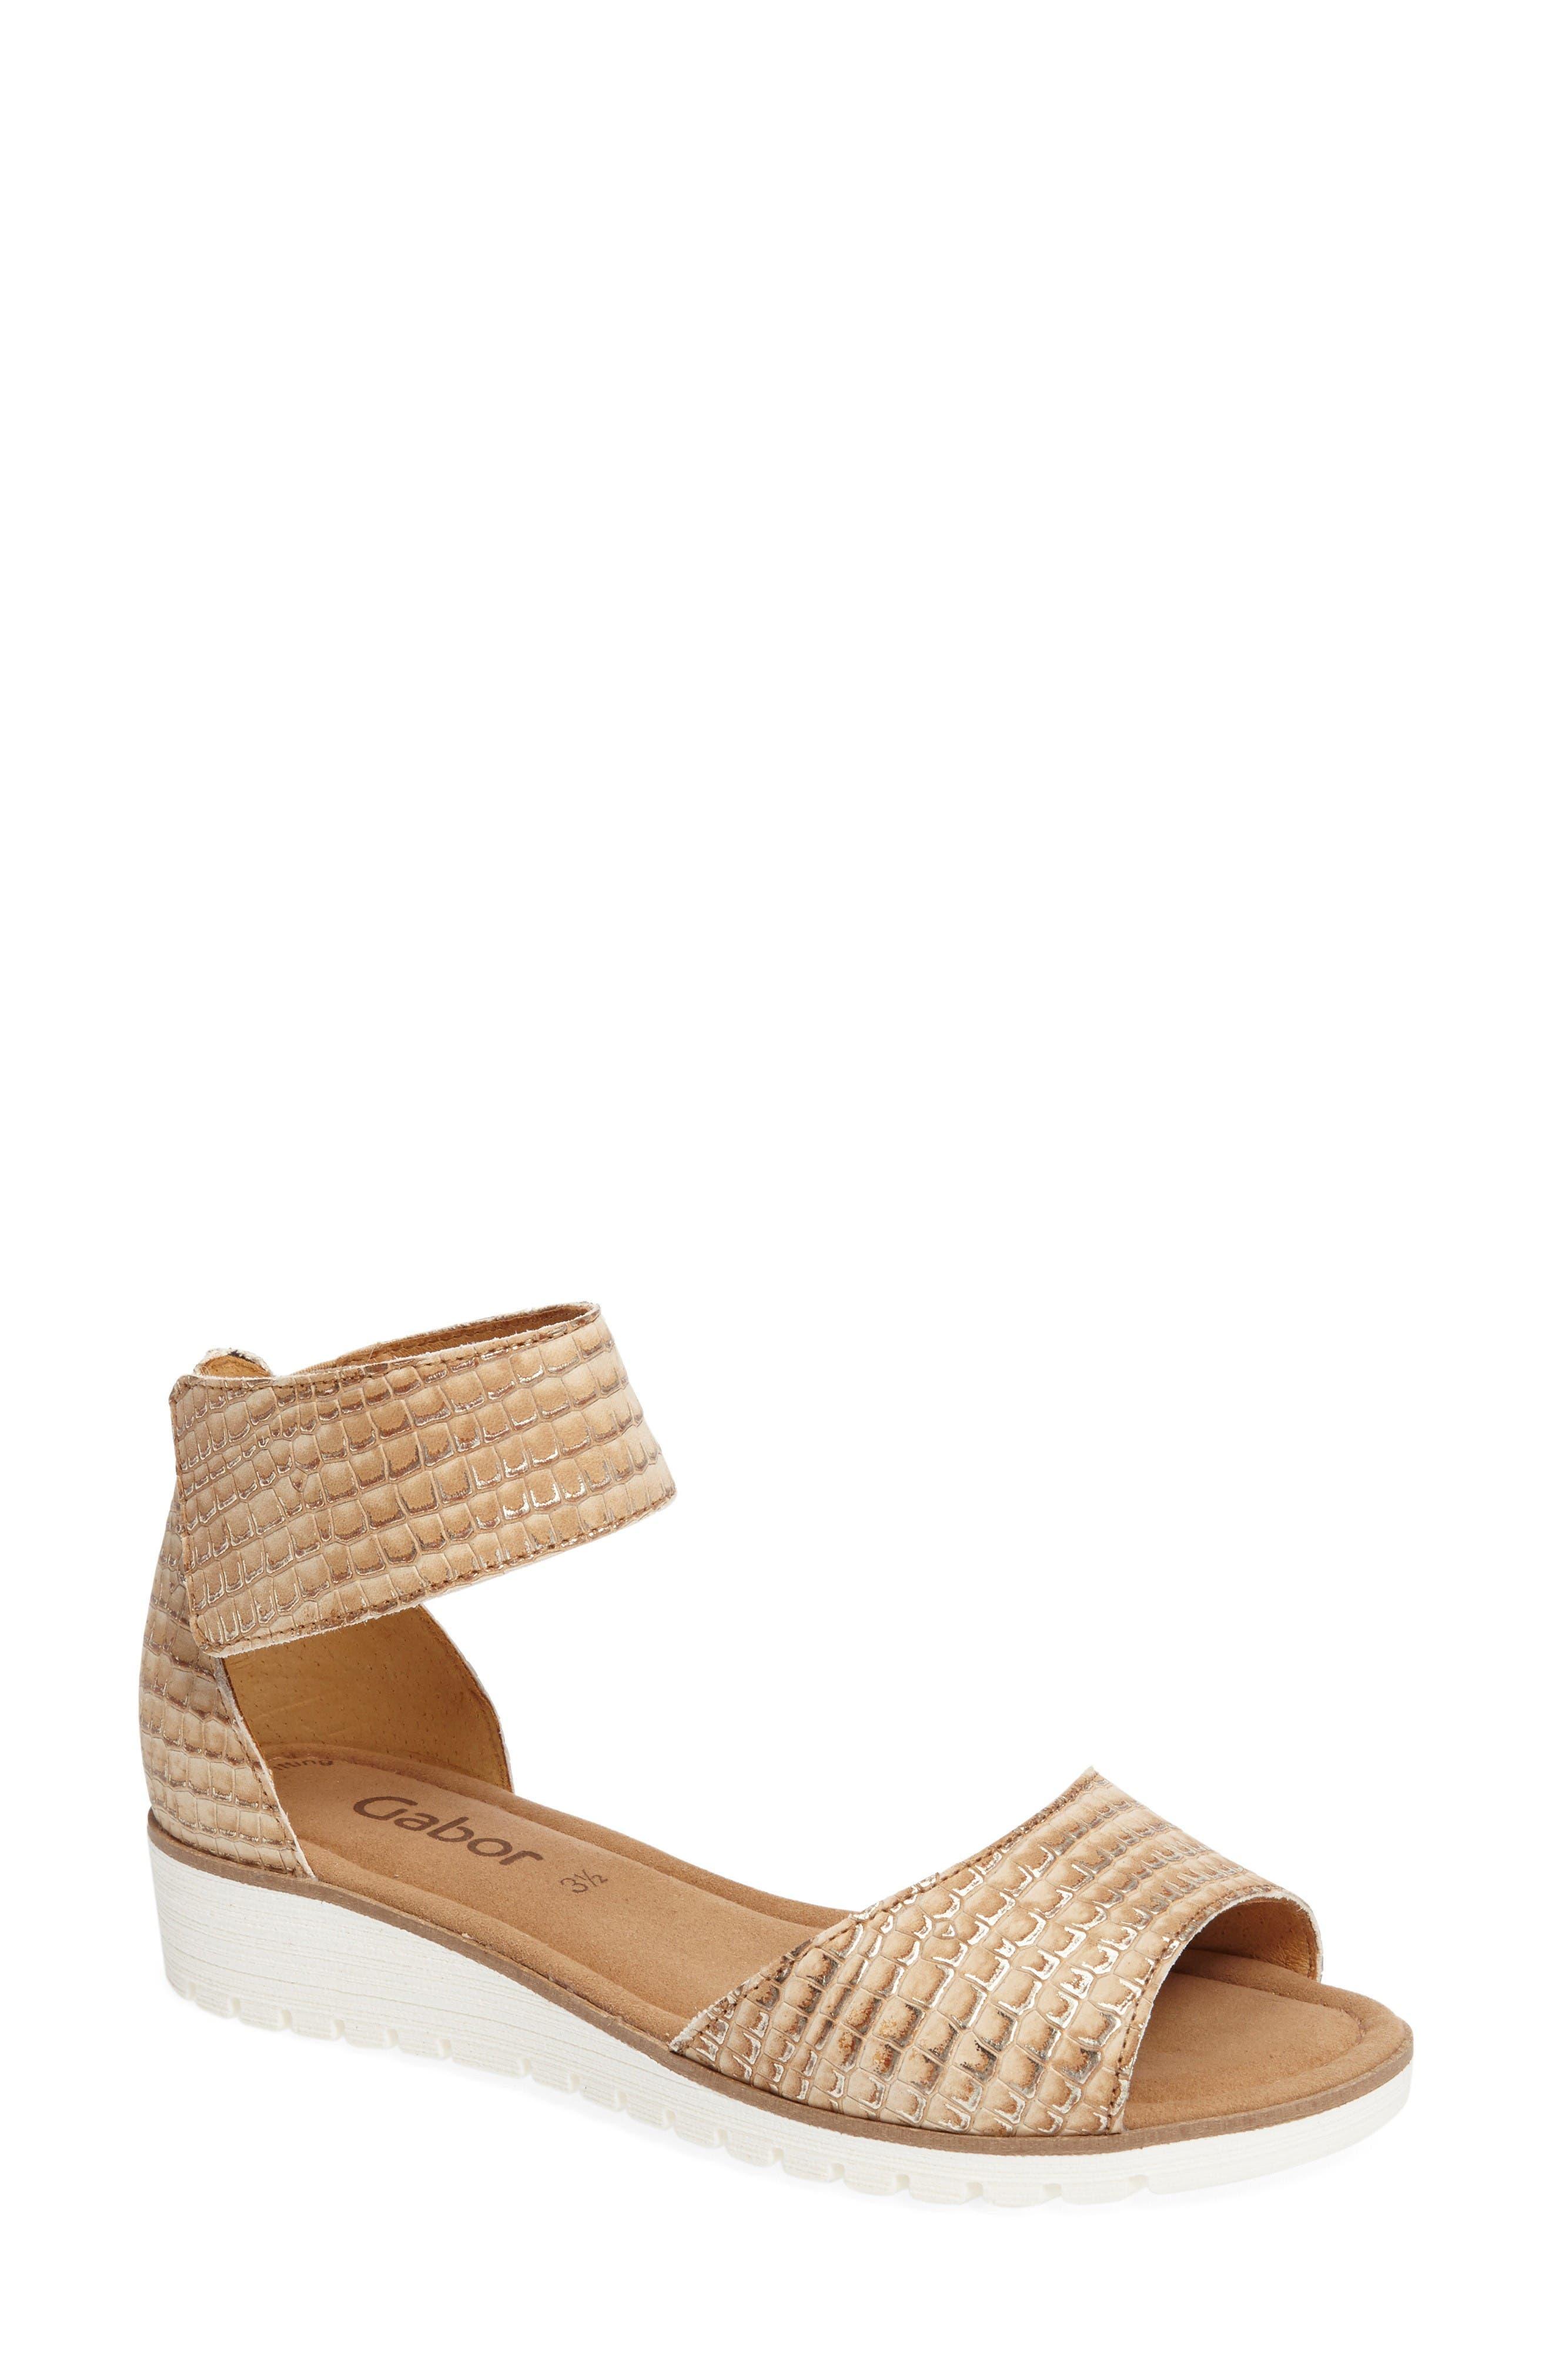 Gabor Two-Strap Sandal (Women)